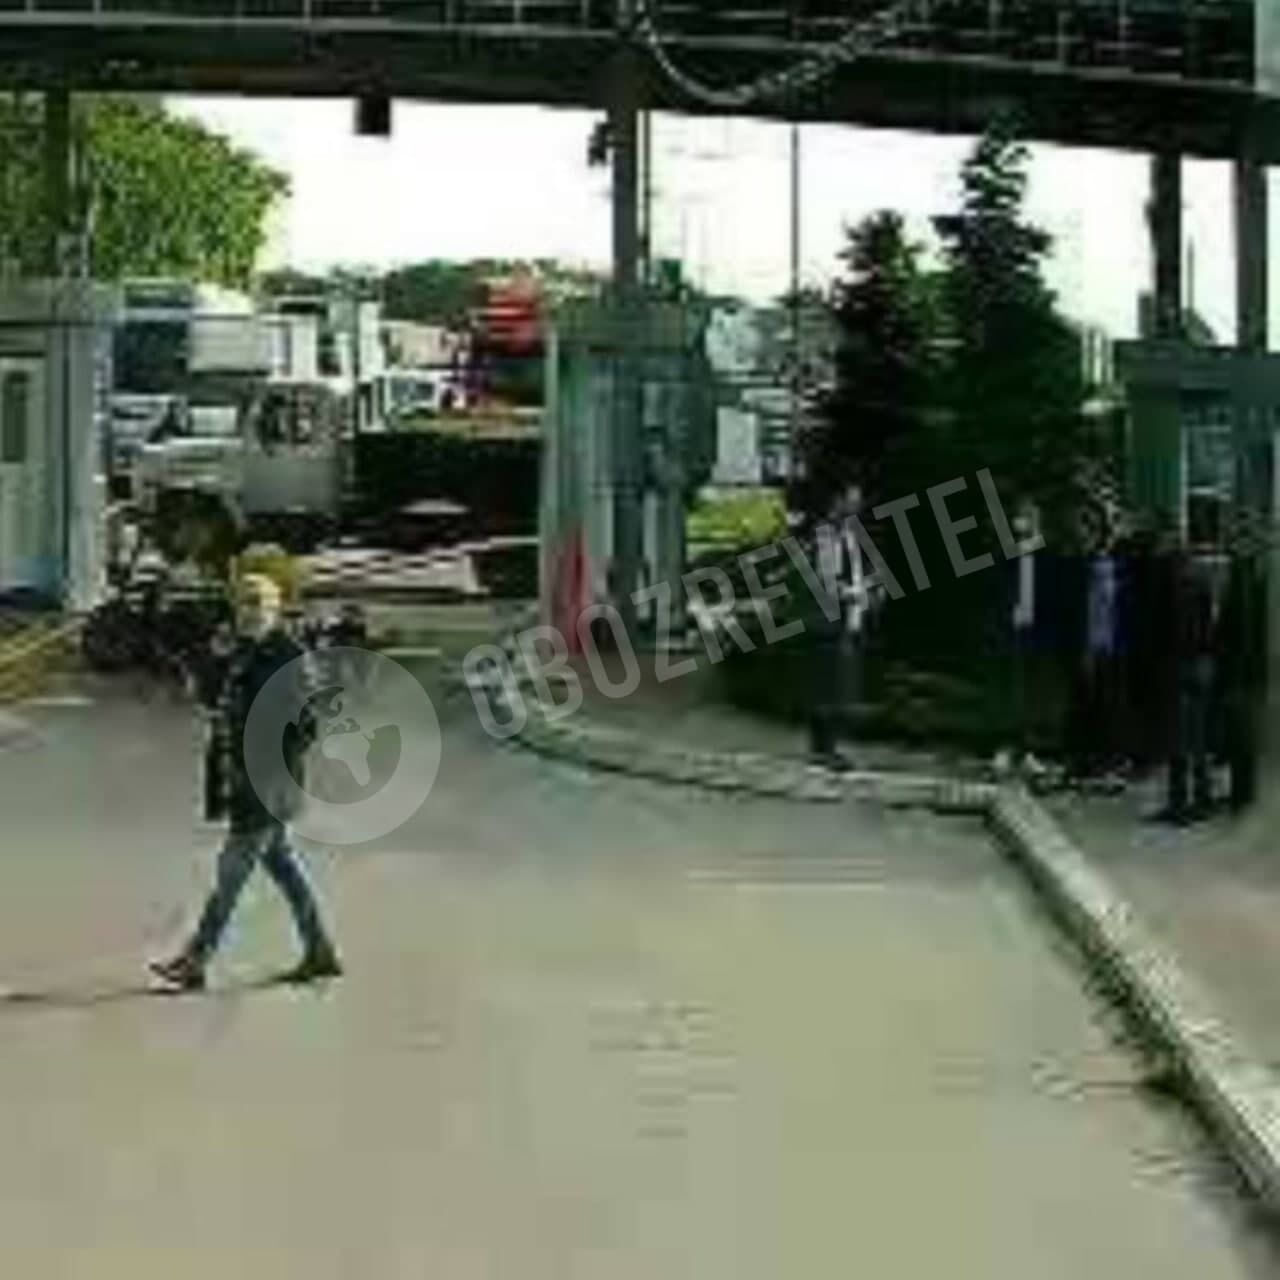 Тітушки Молчанової в балаклавах і без розпізнавальних знаків проникли на територію ринку ще 3 червня